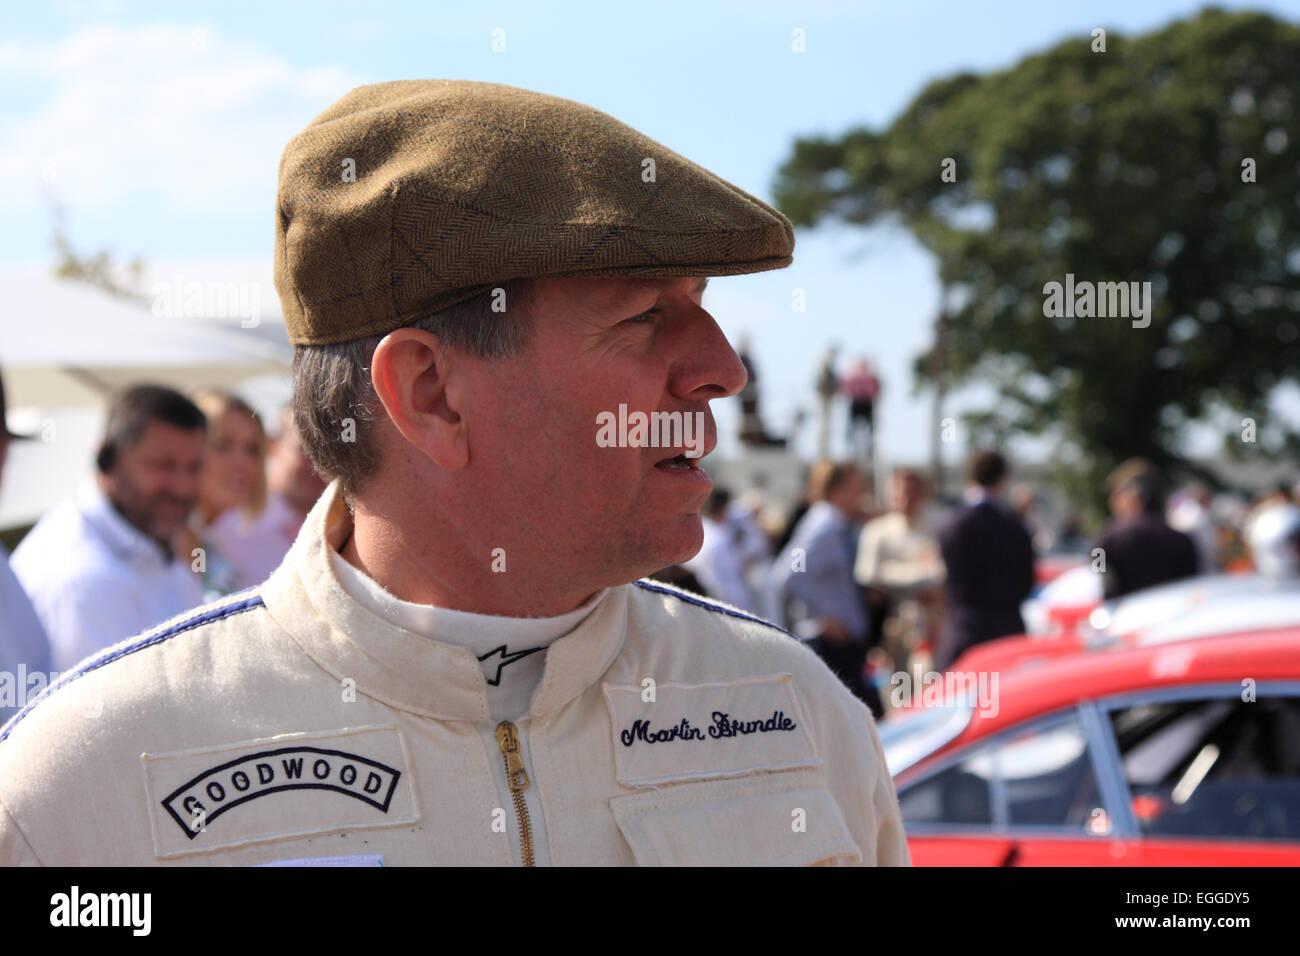 Ehemalige Sportwagen-Weltmeister und Formel 1 Fahrer, jetzt TV-Experte und Kommentator, Martin Brundle / Goodwood Stockbild